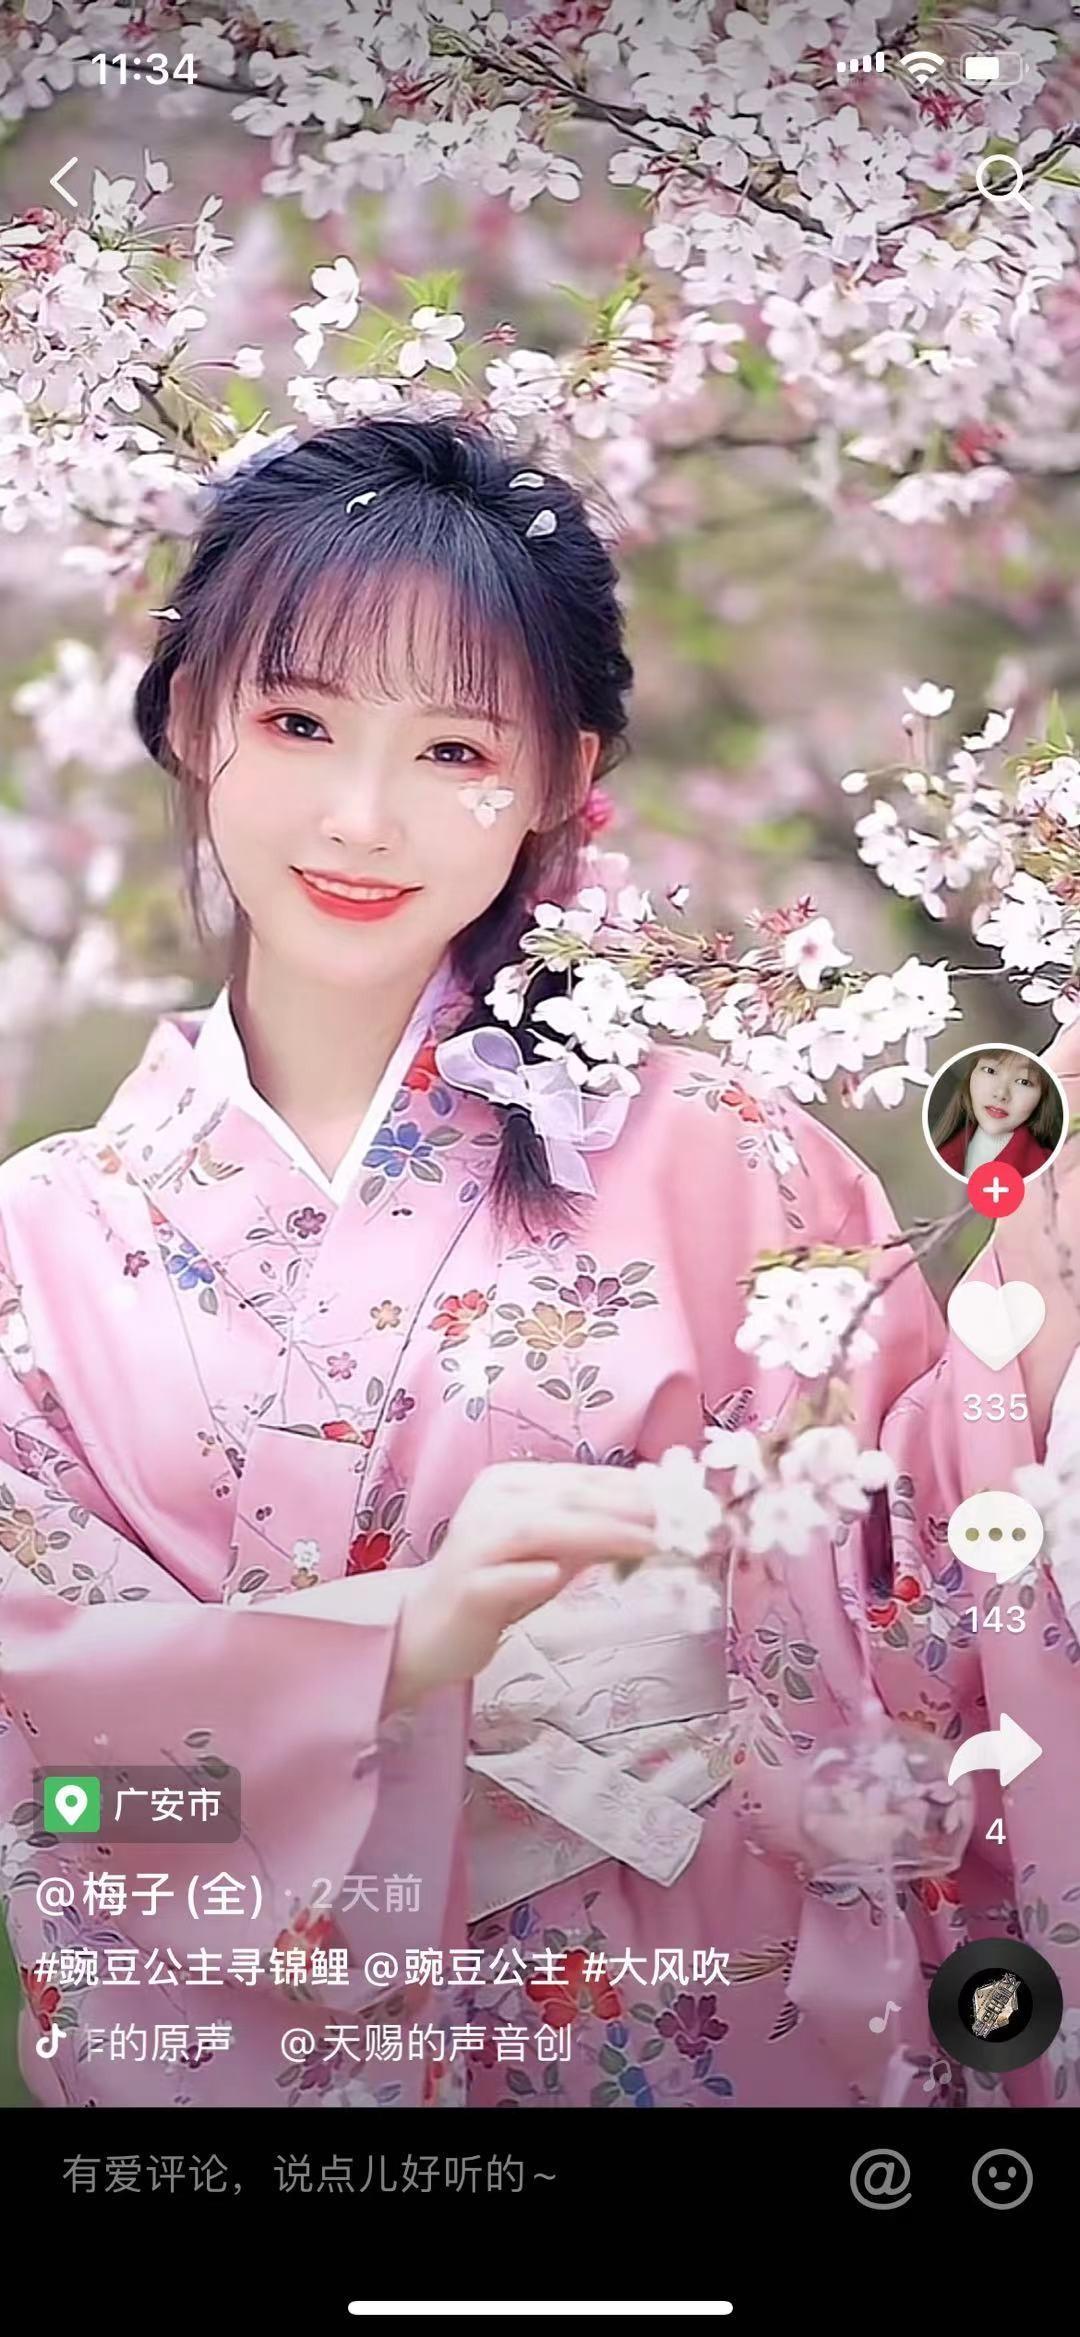 豌豆公主浪漫樱花季完美收官,日淘平台点亮精致生活